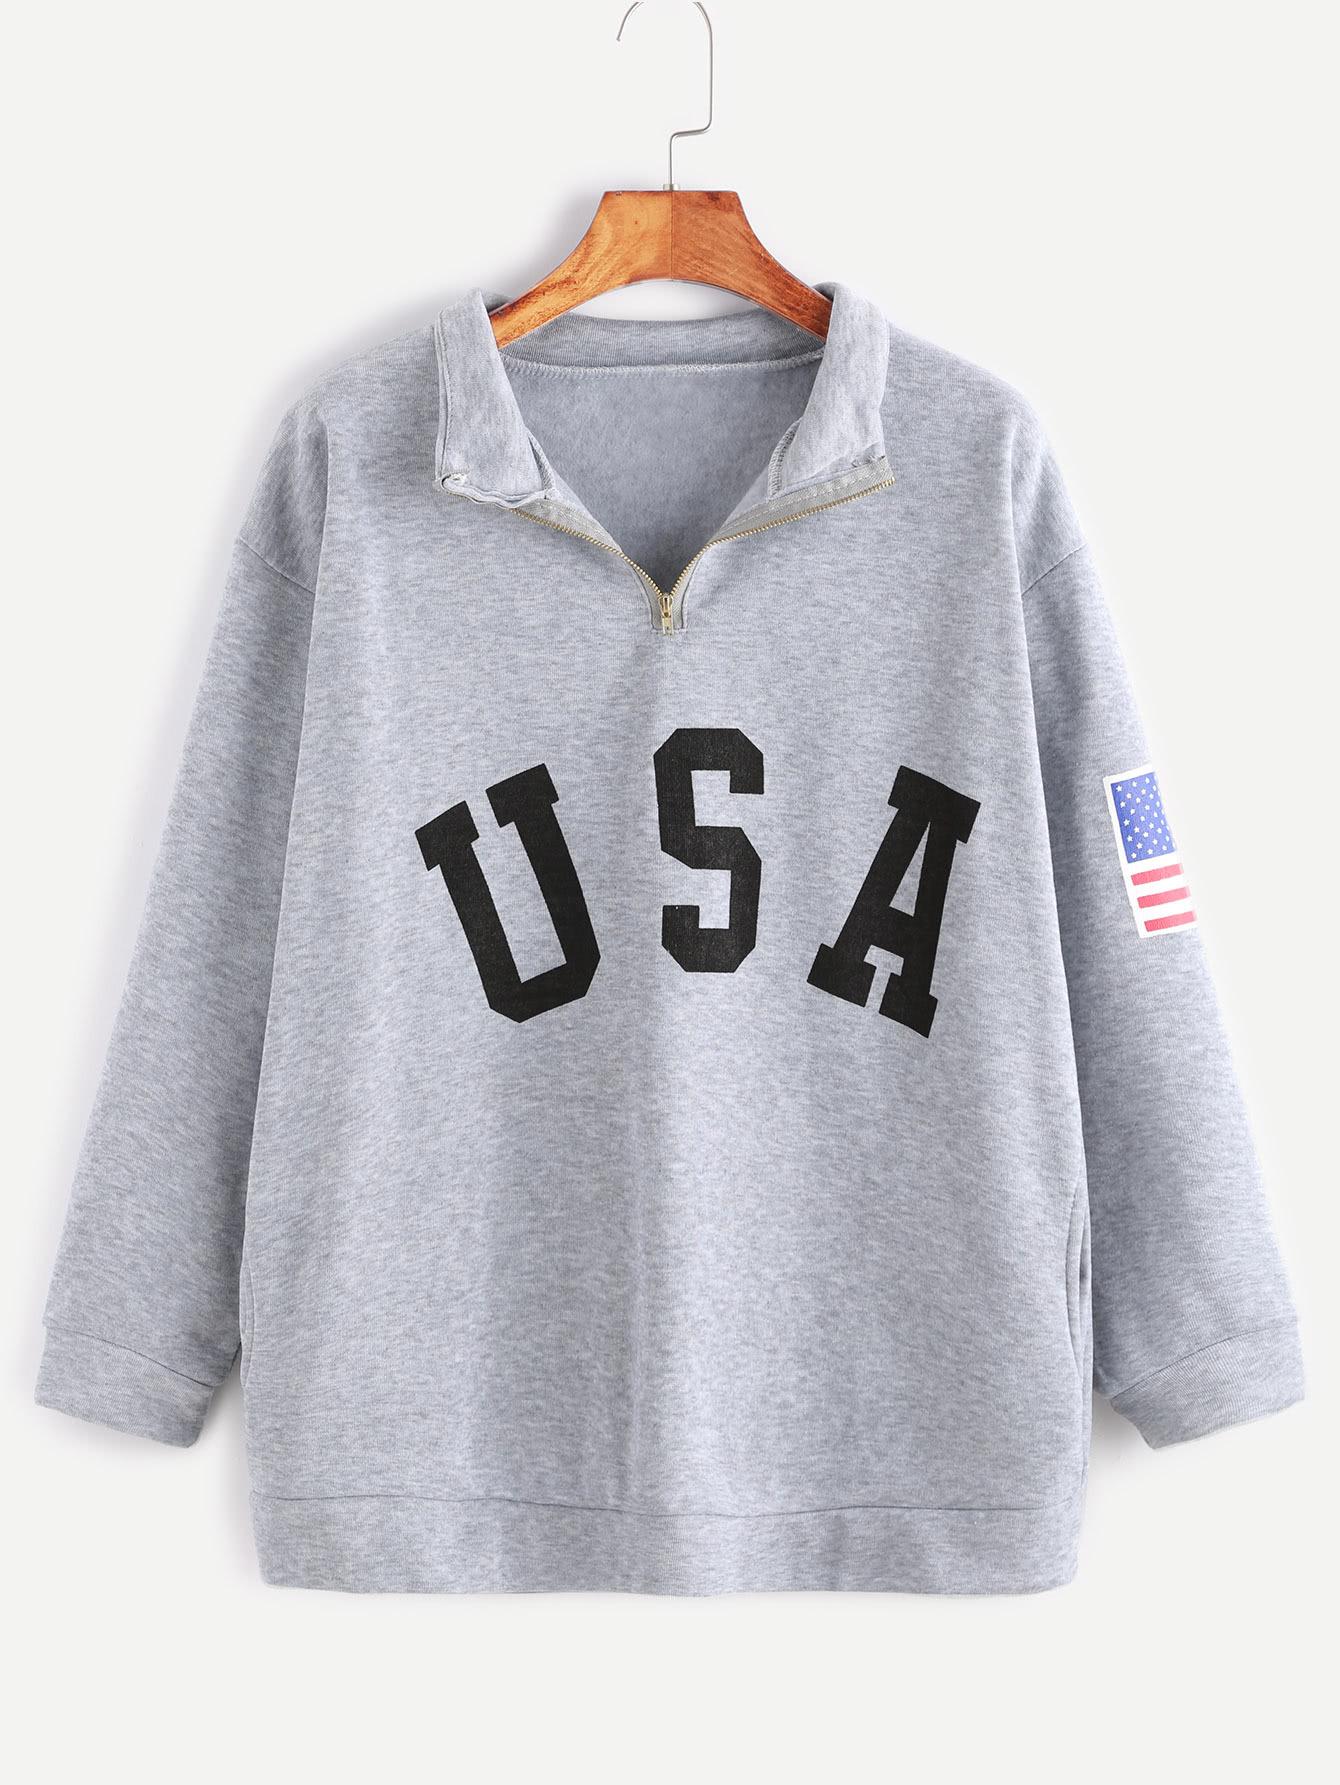 Sweat-shirt imprimé USA zippé détail avec poches -gris bruyère -French Romwe